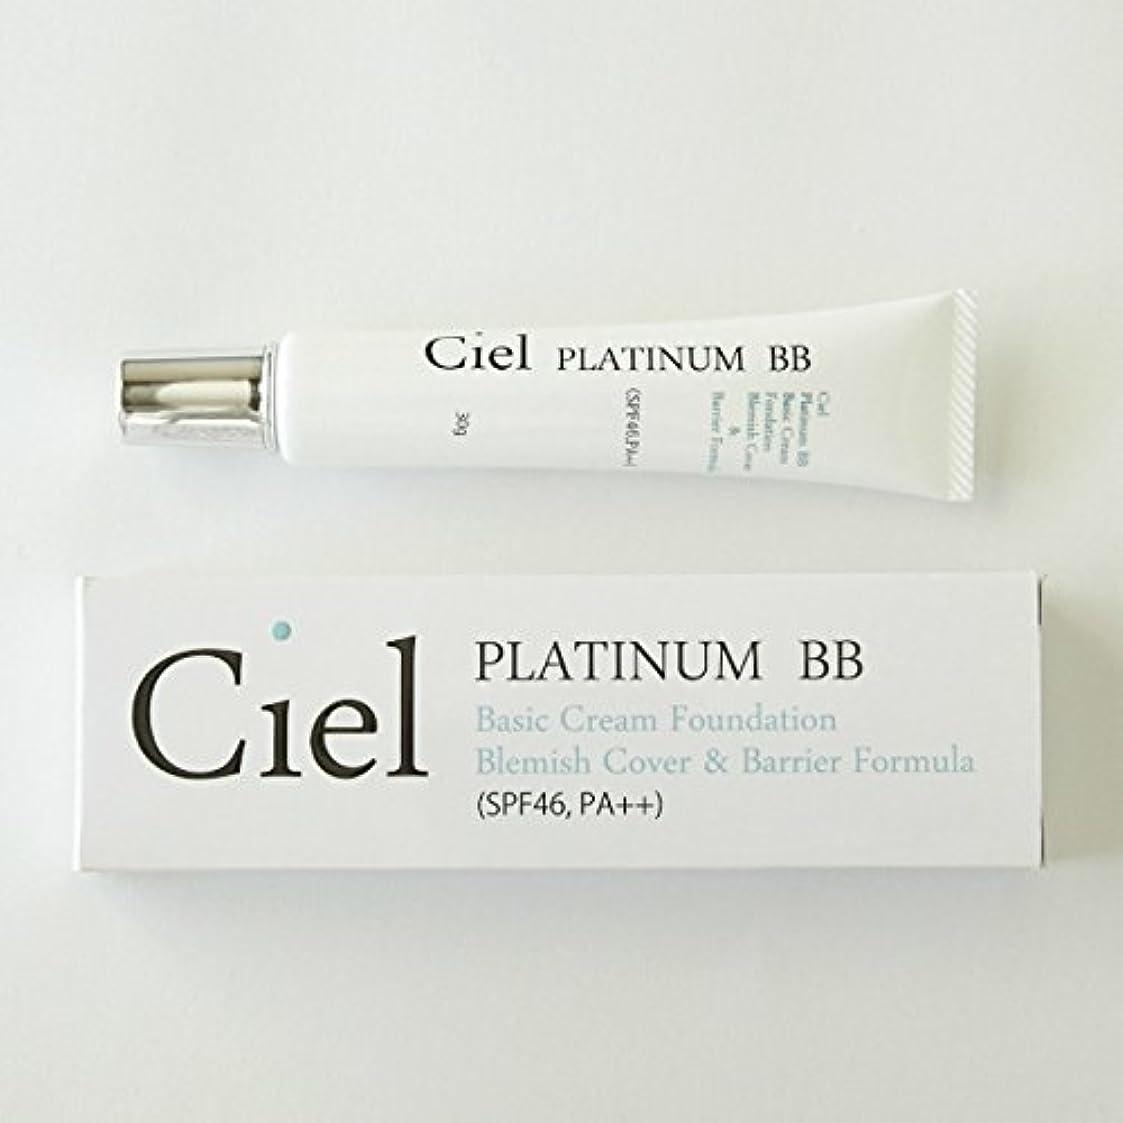 緊急スモッグ思春期のCiel Salon de Beaute Ciel PLATINUM BB SPF46 BBクリーム ファンデーション 日本製 日焼け止め